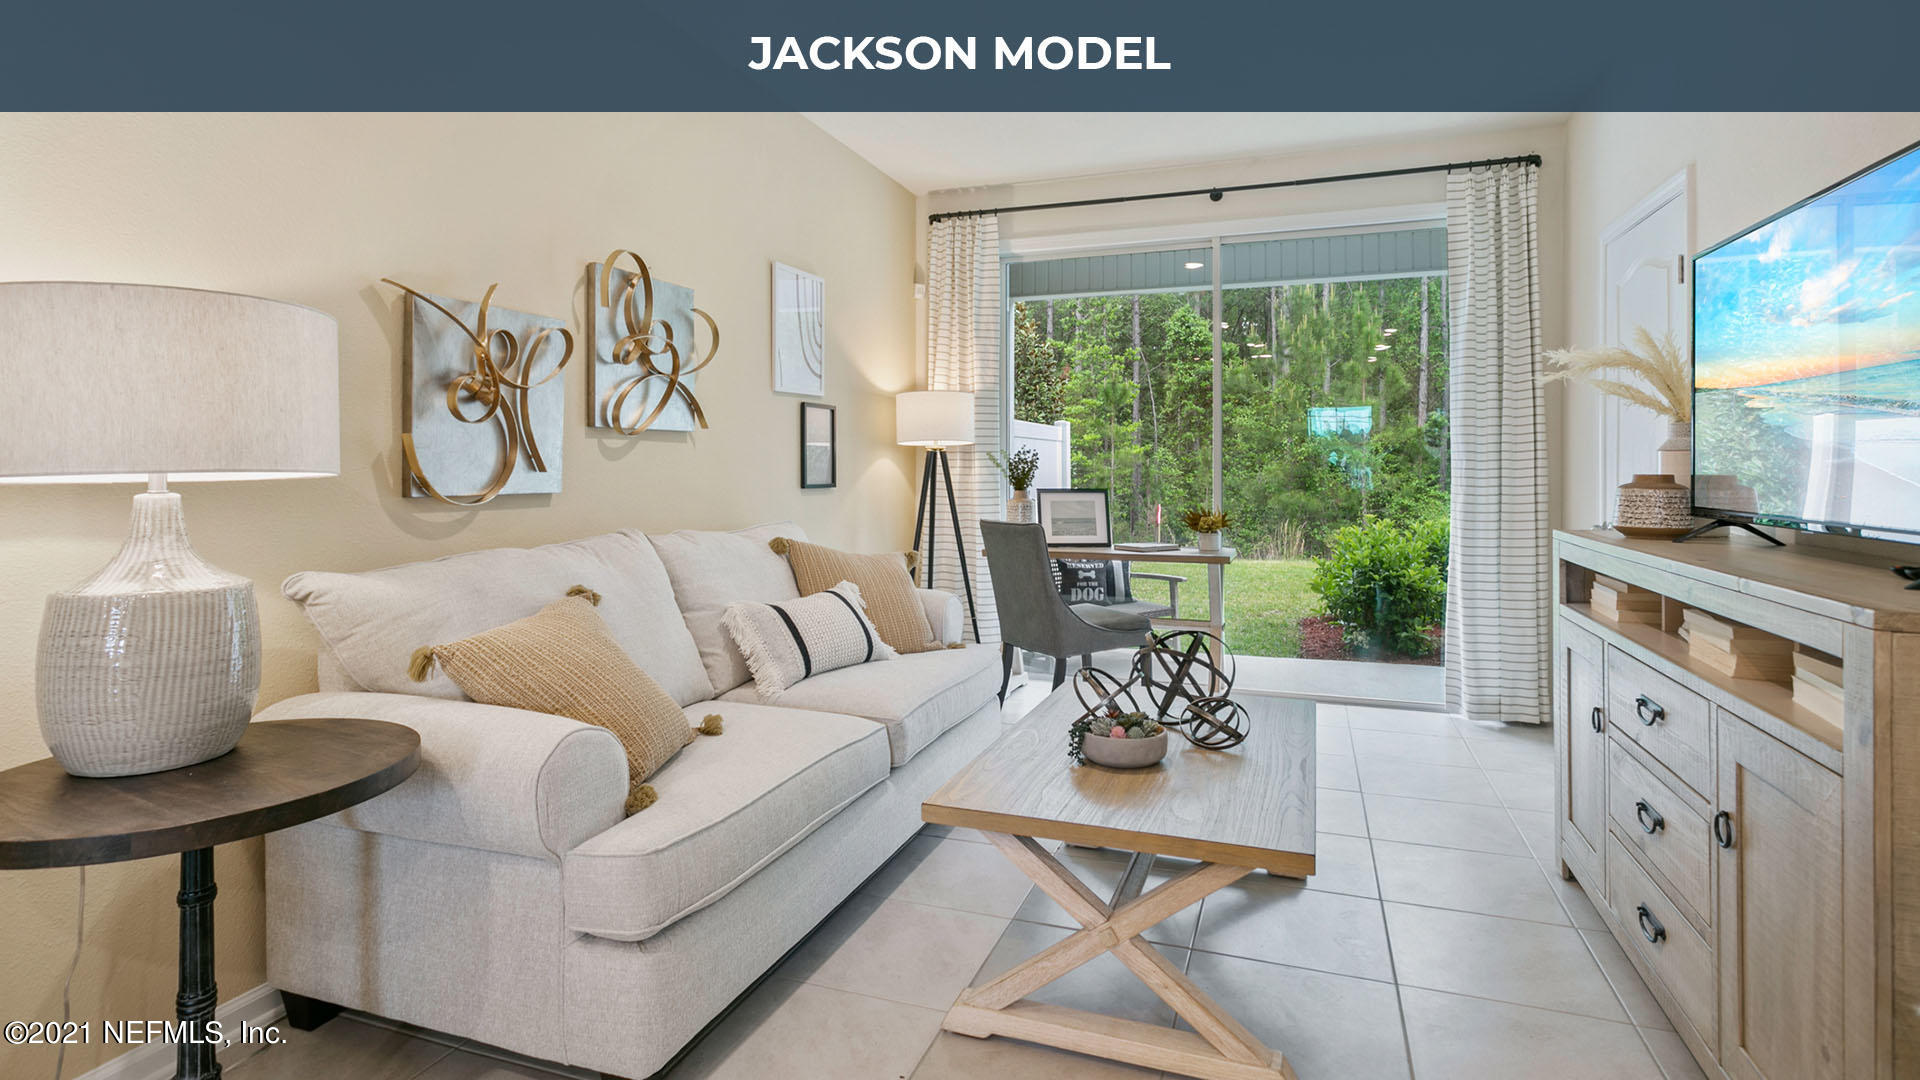 575 OAKLEAF PLANTATION, ORANGE PARK, FLORIDA 32065, 2 Bedrooms Bedrooms, ,2 BathroomsBathrooms,Residential,For sale,OAKLEAF PLANTATION,1096790